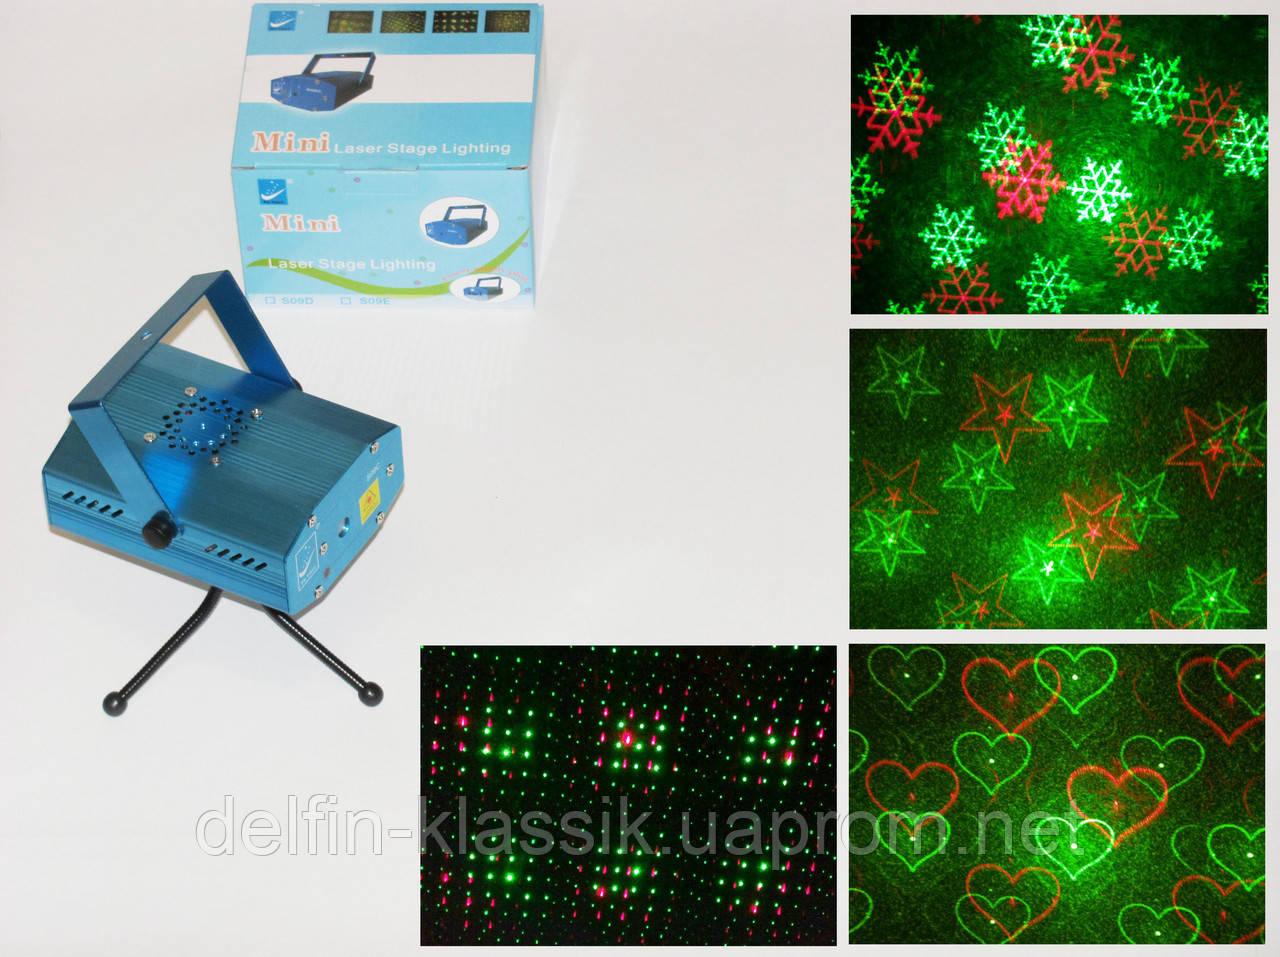 """Лазерный проектор, стробоскоп, лазер шоу дискотек 4в1 - интернет-магазин """"Дельфин-Классик"""" в Шостке"""